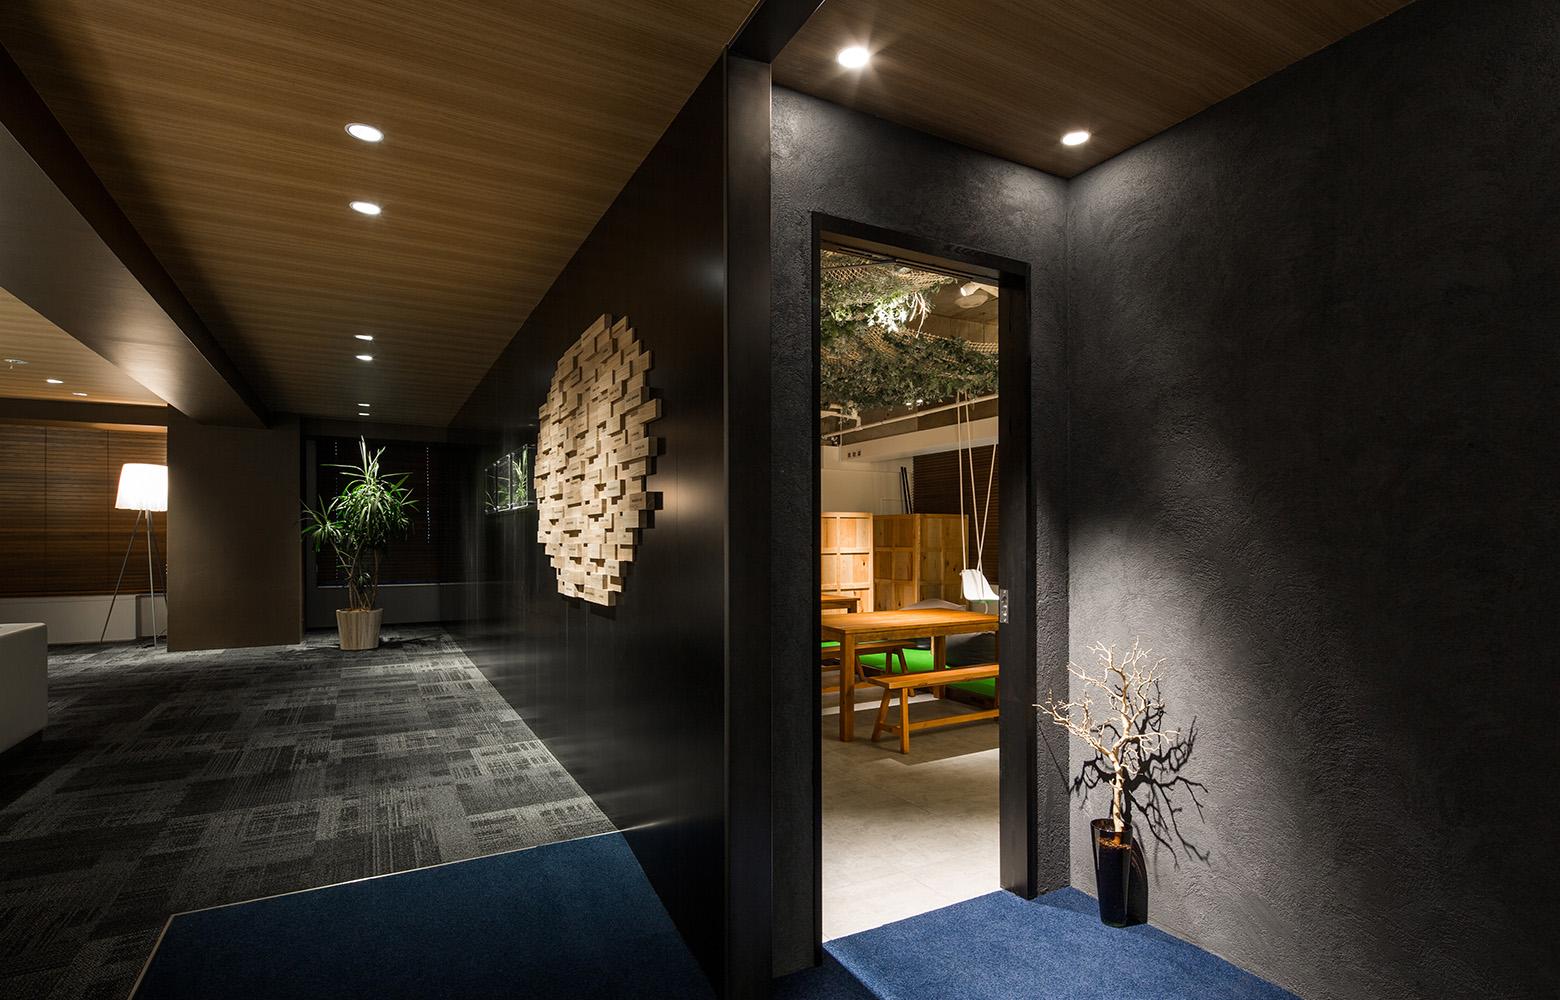 Secret Office Refresh Room Entrance デザイン・レイアウト事例